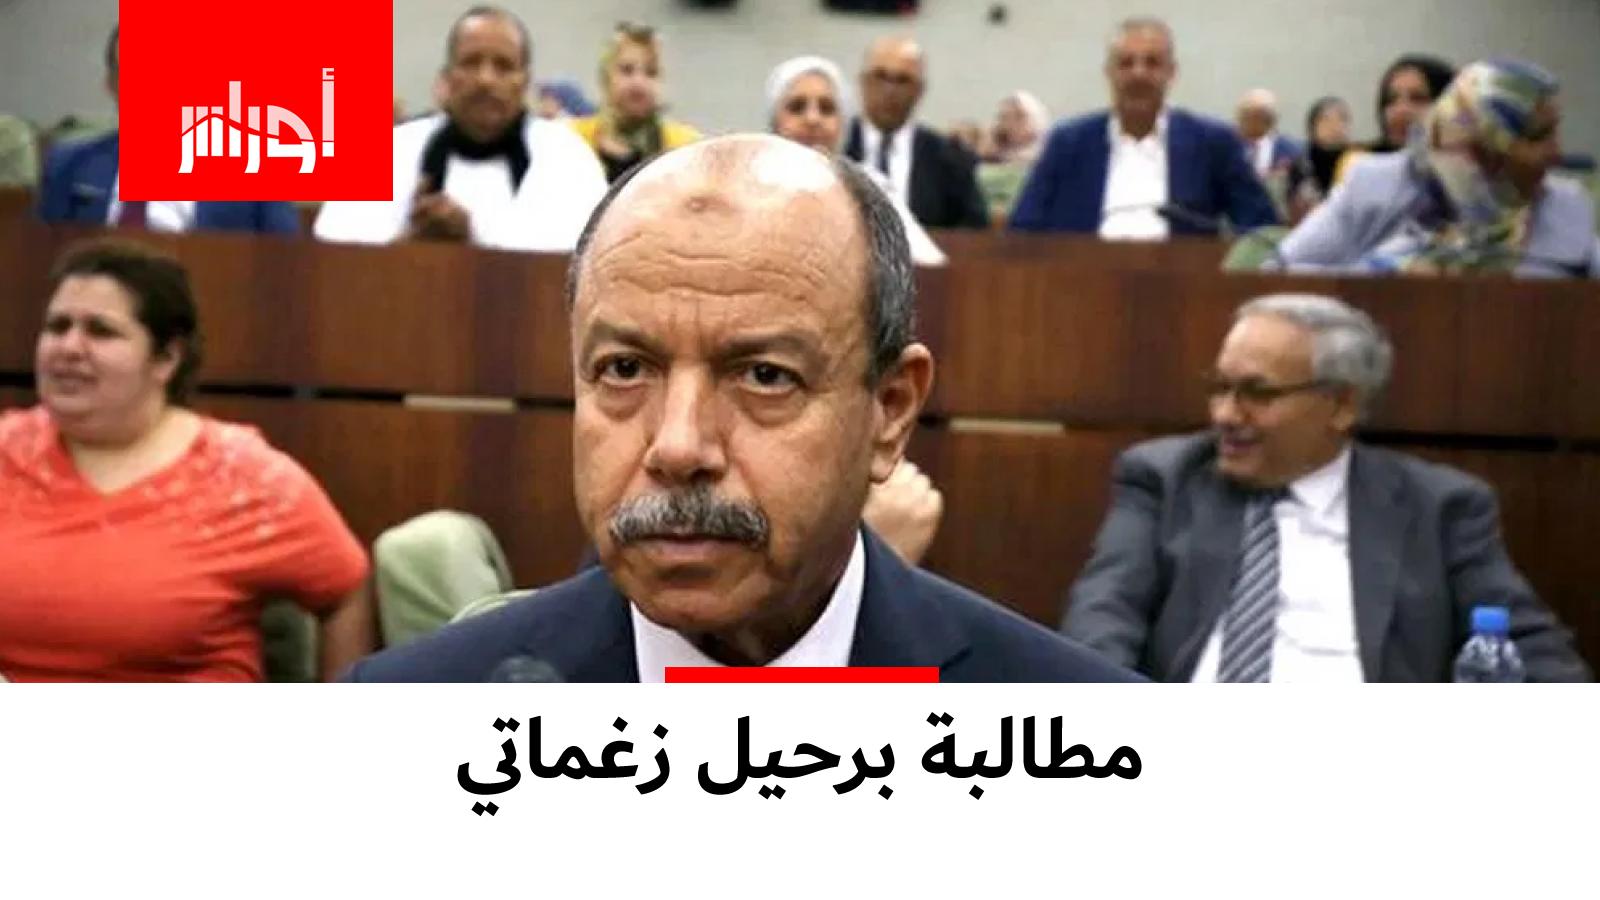 نادي القضاة يطالب برحيل #زغماتي بعد حركة التغييرات الأخيرة التي قام بها.. ما رأيك؟